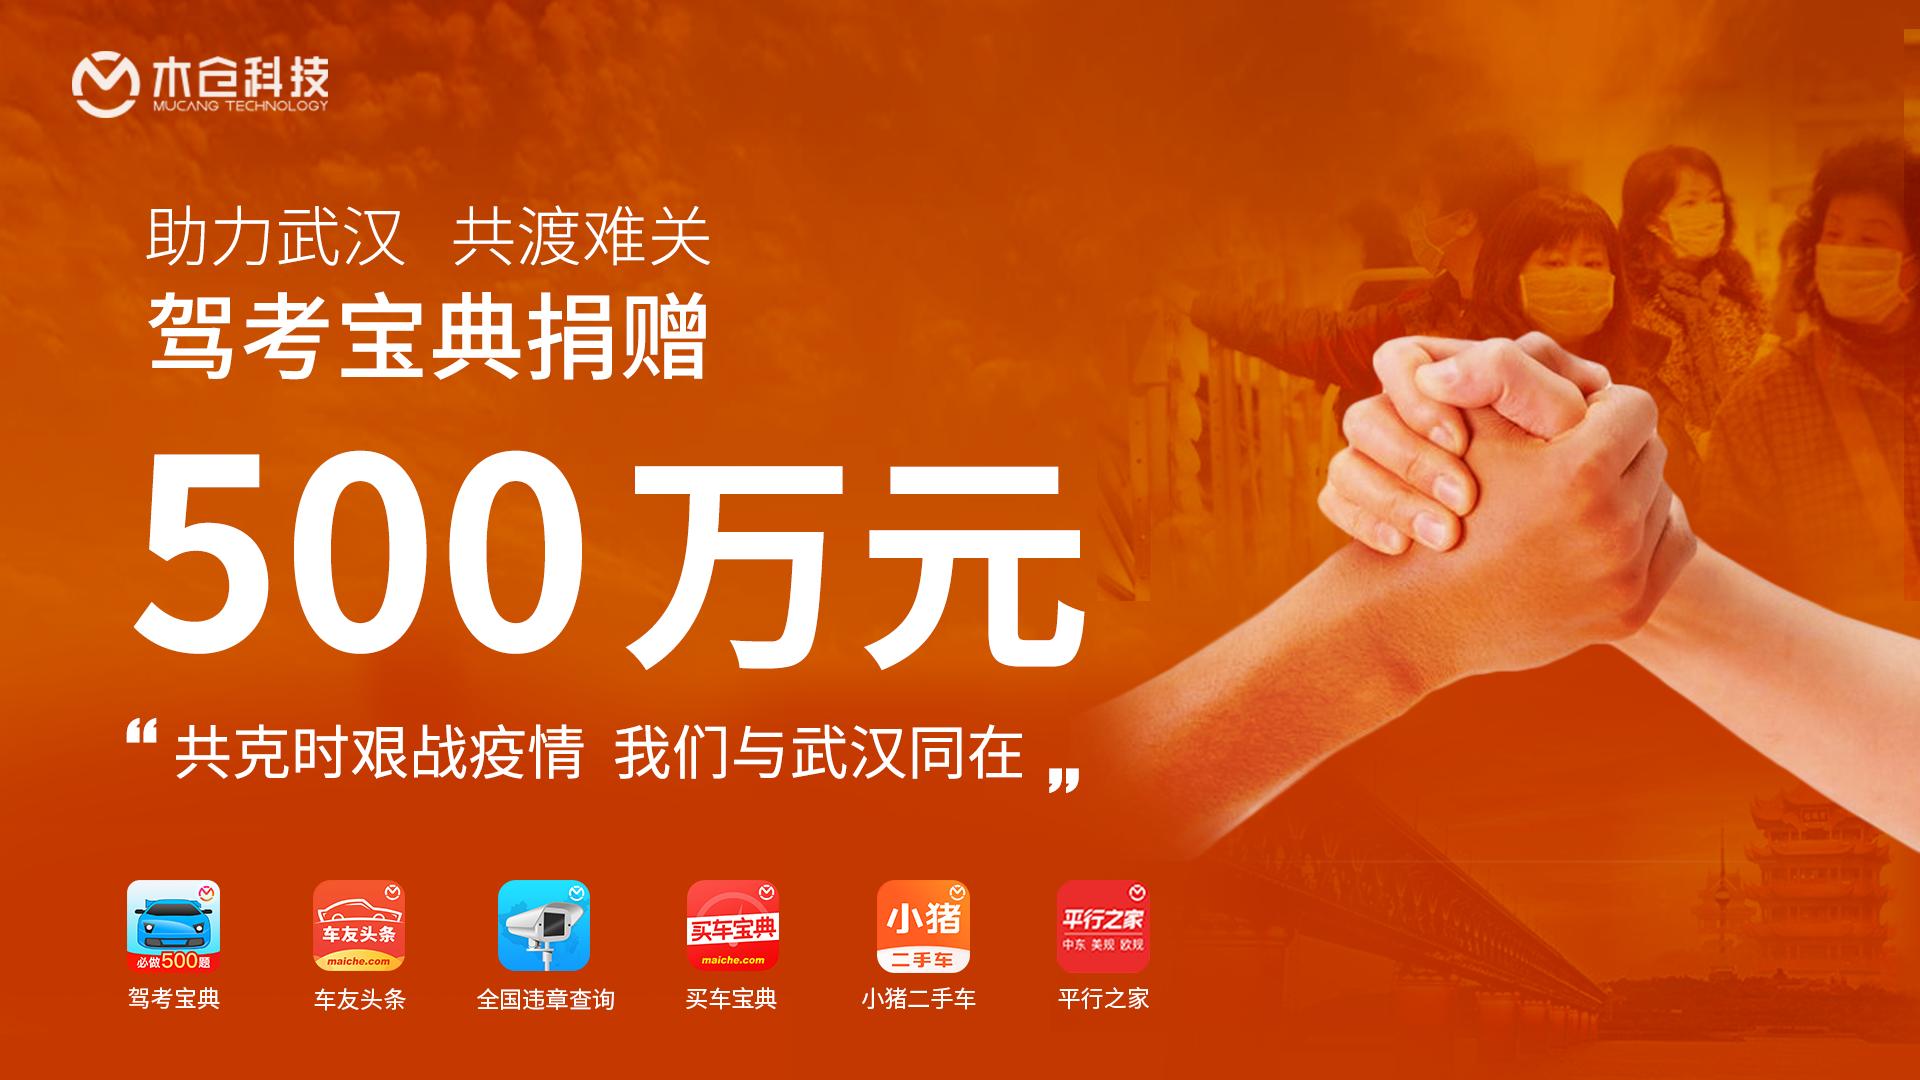 驾考宝典宣布向武汉市捐赠500万元,共同抗击新型肺炎